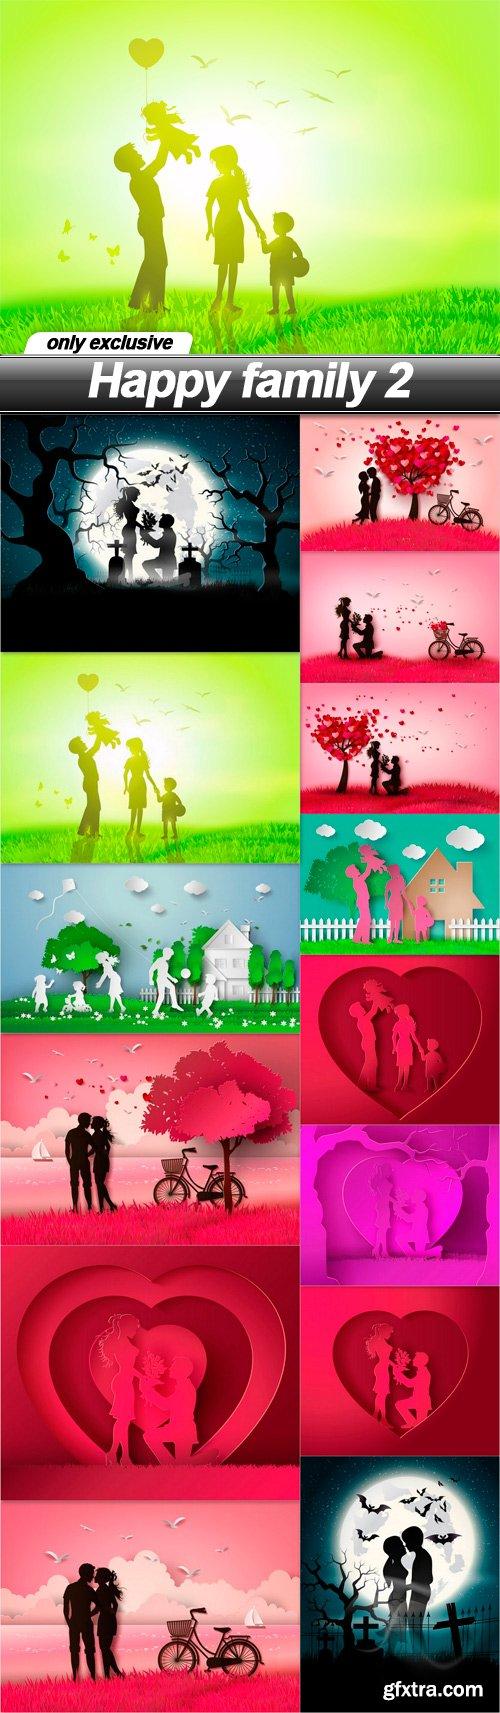 Happy family 2 - 14 EPS